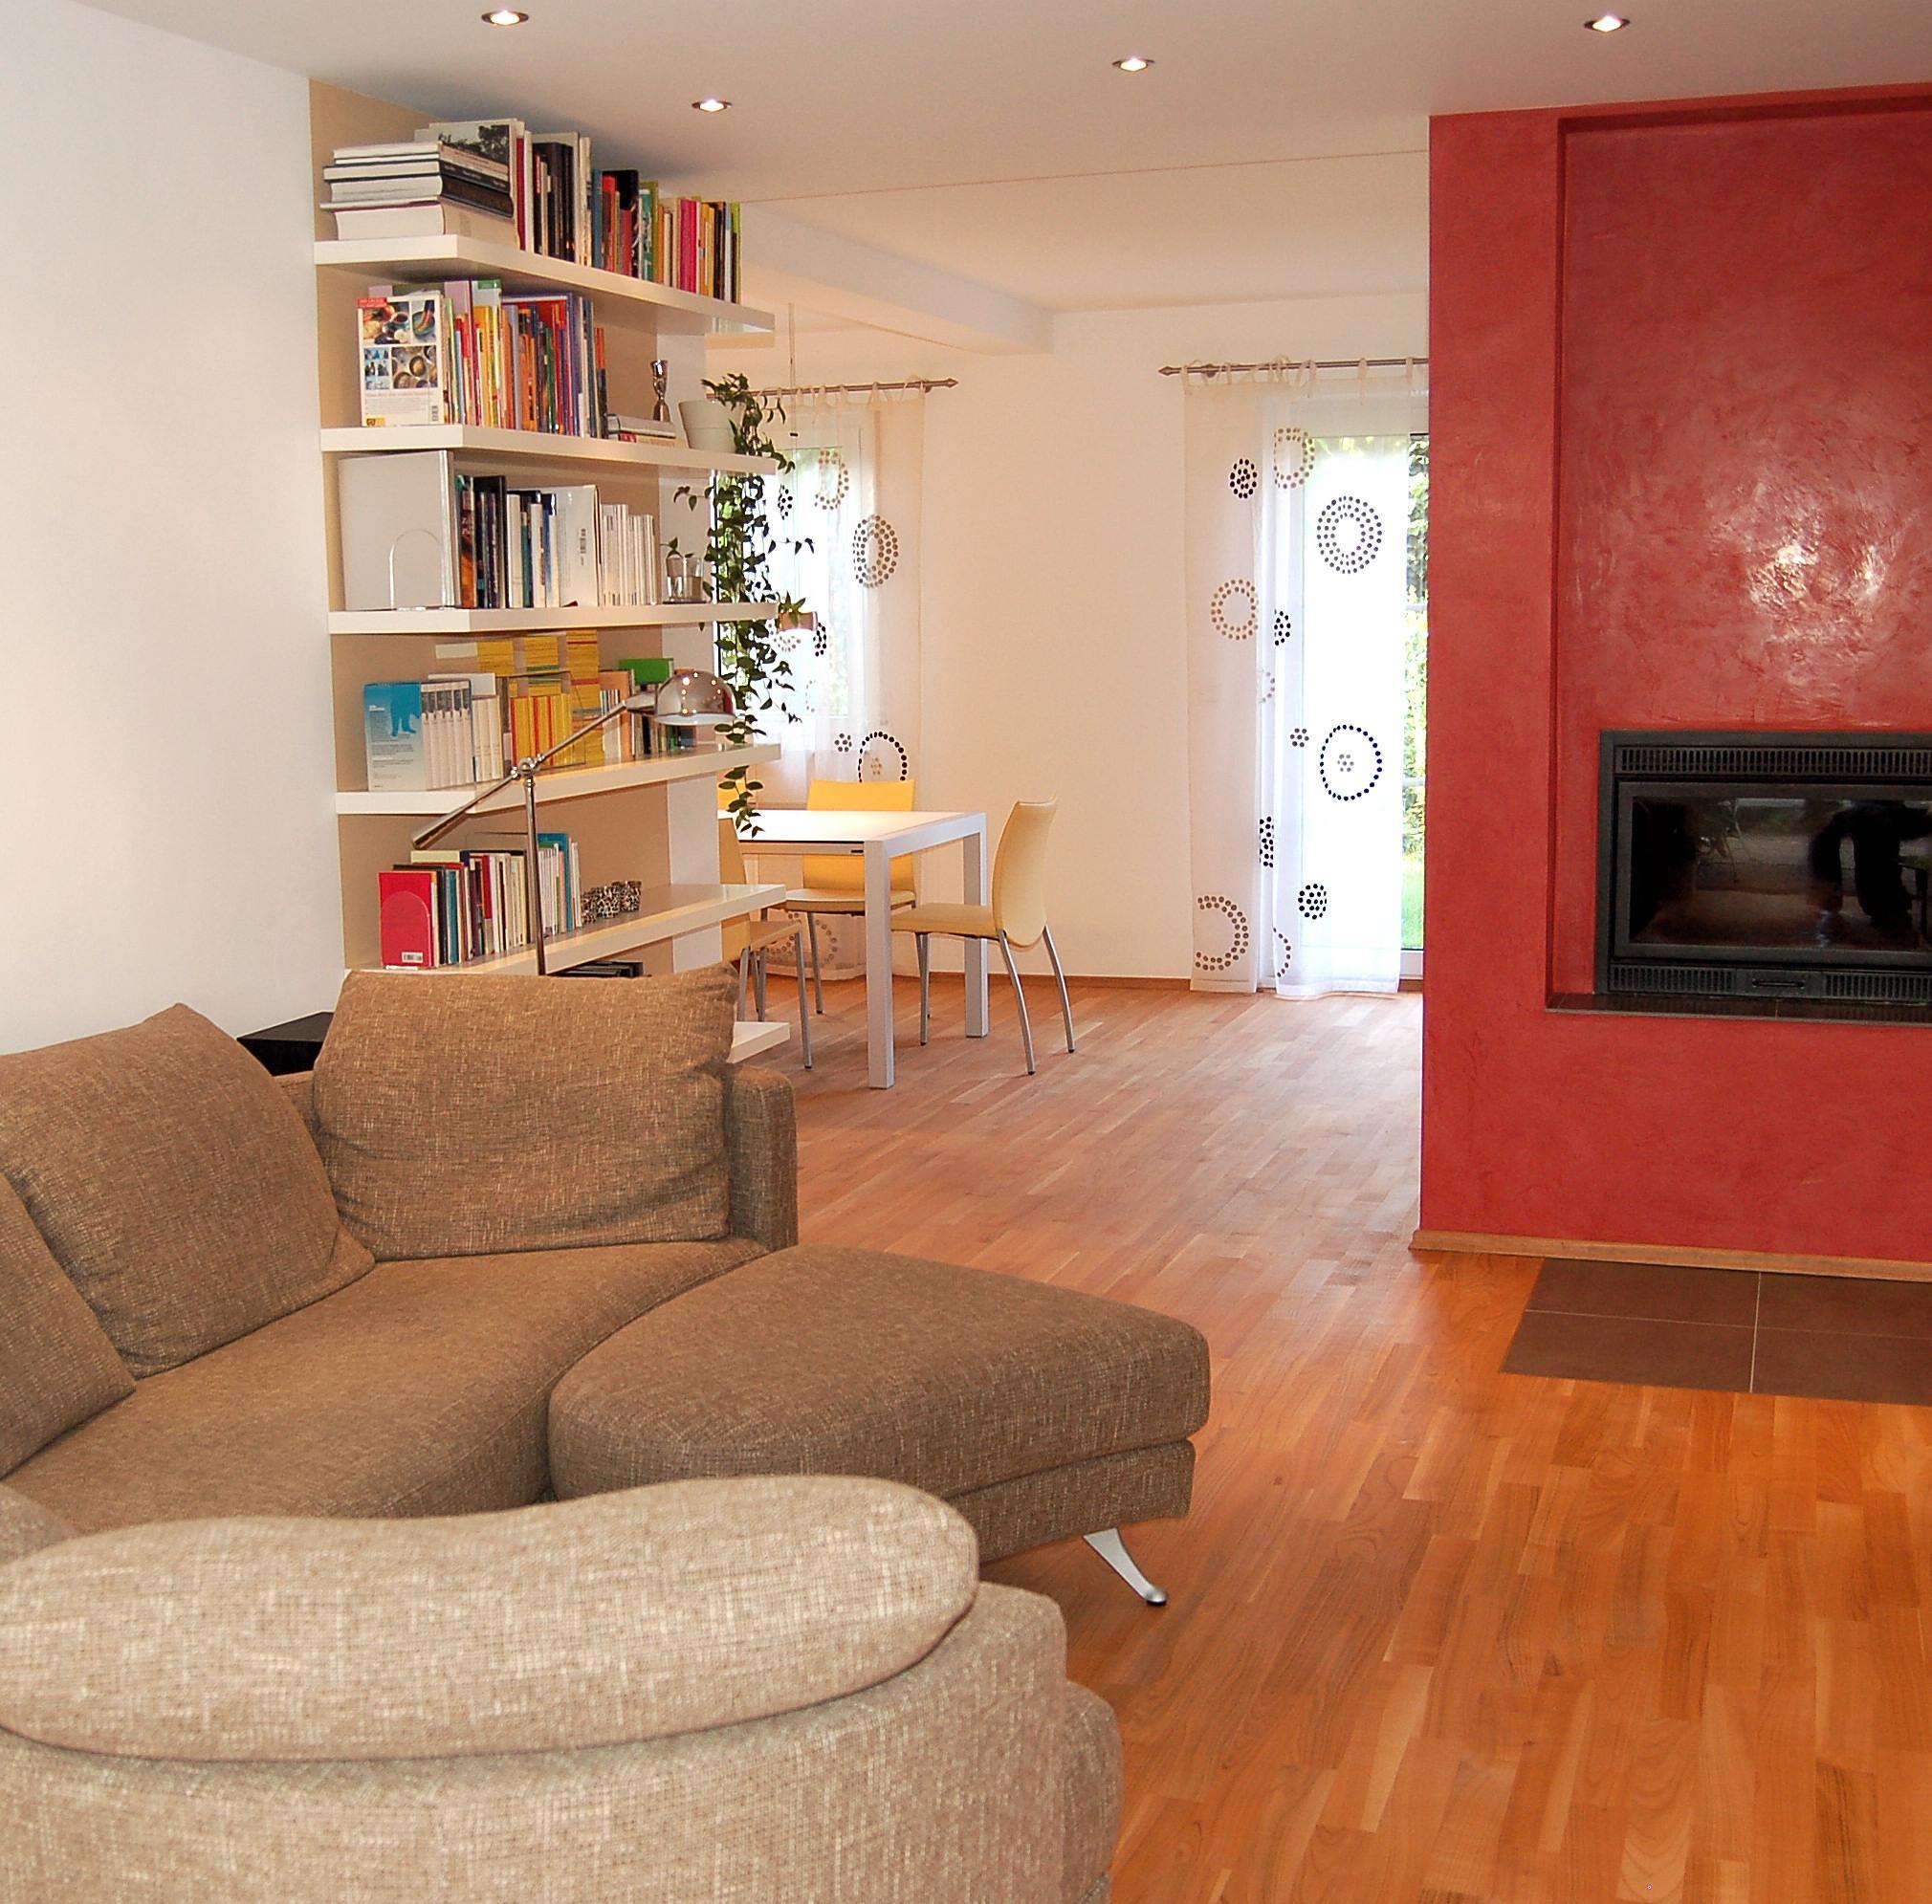 Wohnzimmer planen bilder ideen couch for Wohnzimmer planen